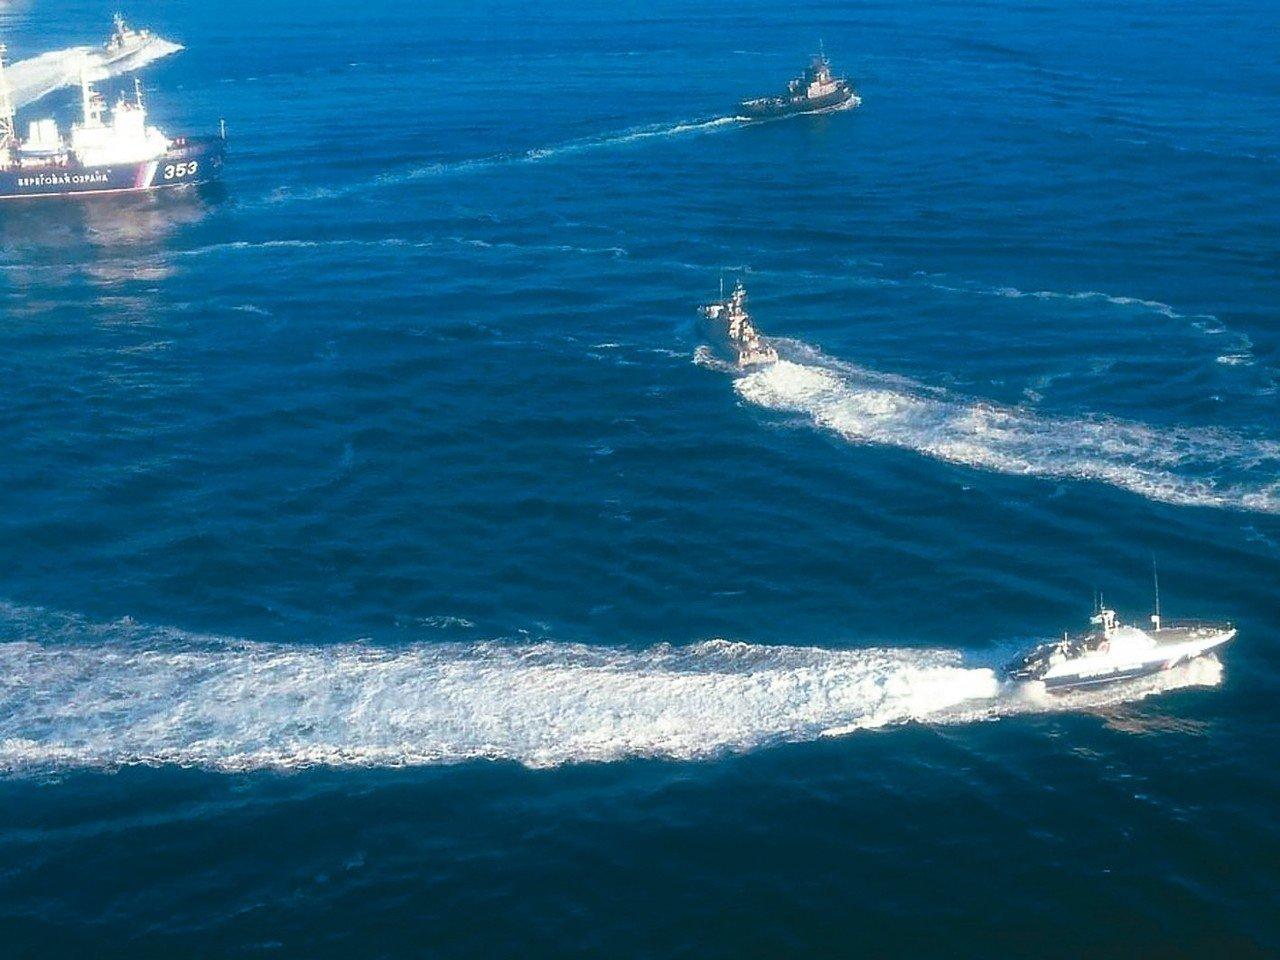 俄羅斯聯邦安全局(FSB)一艘巡邏艇在黑海追逐烏克蘭海軍2艘砲艇和1艘拖船。 圖...